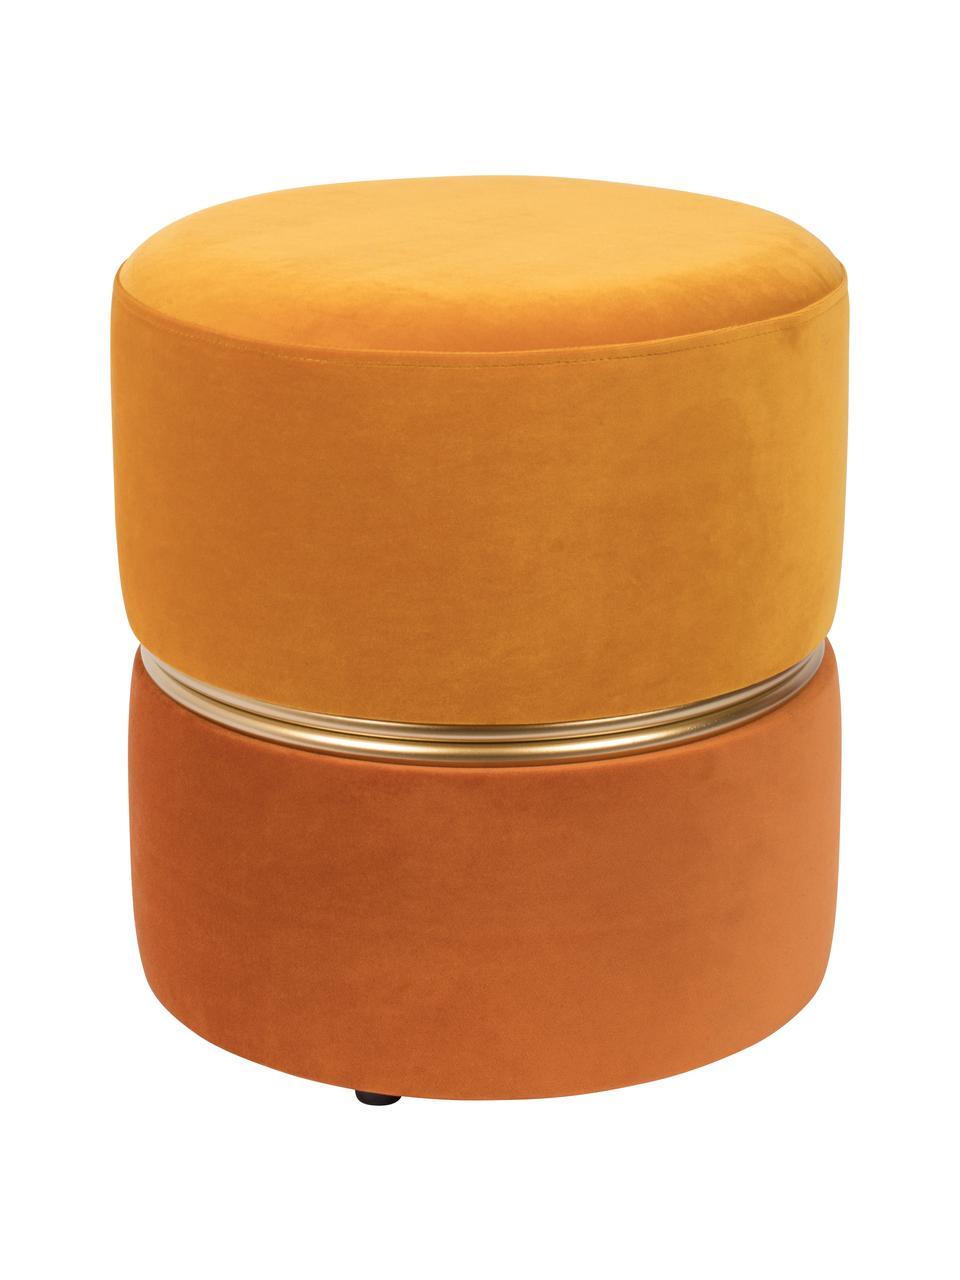 Samt-Hocker Bubbly, Bezug: Polyestersamt 20.000 Sche, Gestell: Mitteldichte Holzfaserpla, Gelbtöne, Ø 35 x H 39 cm